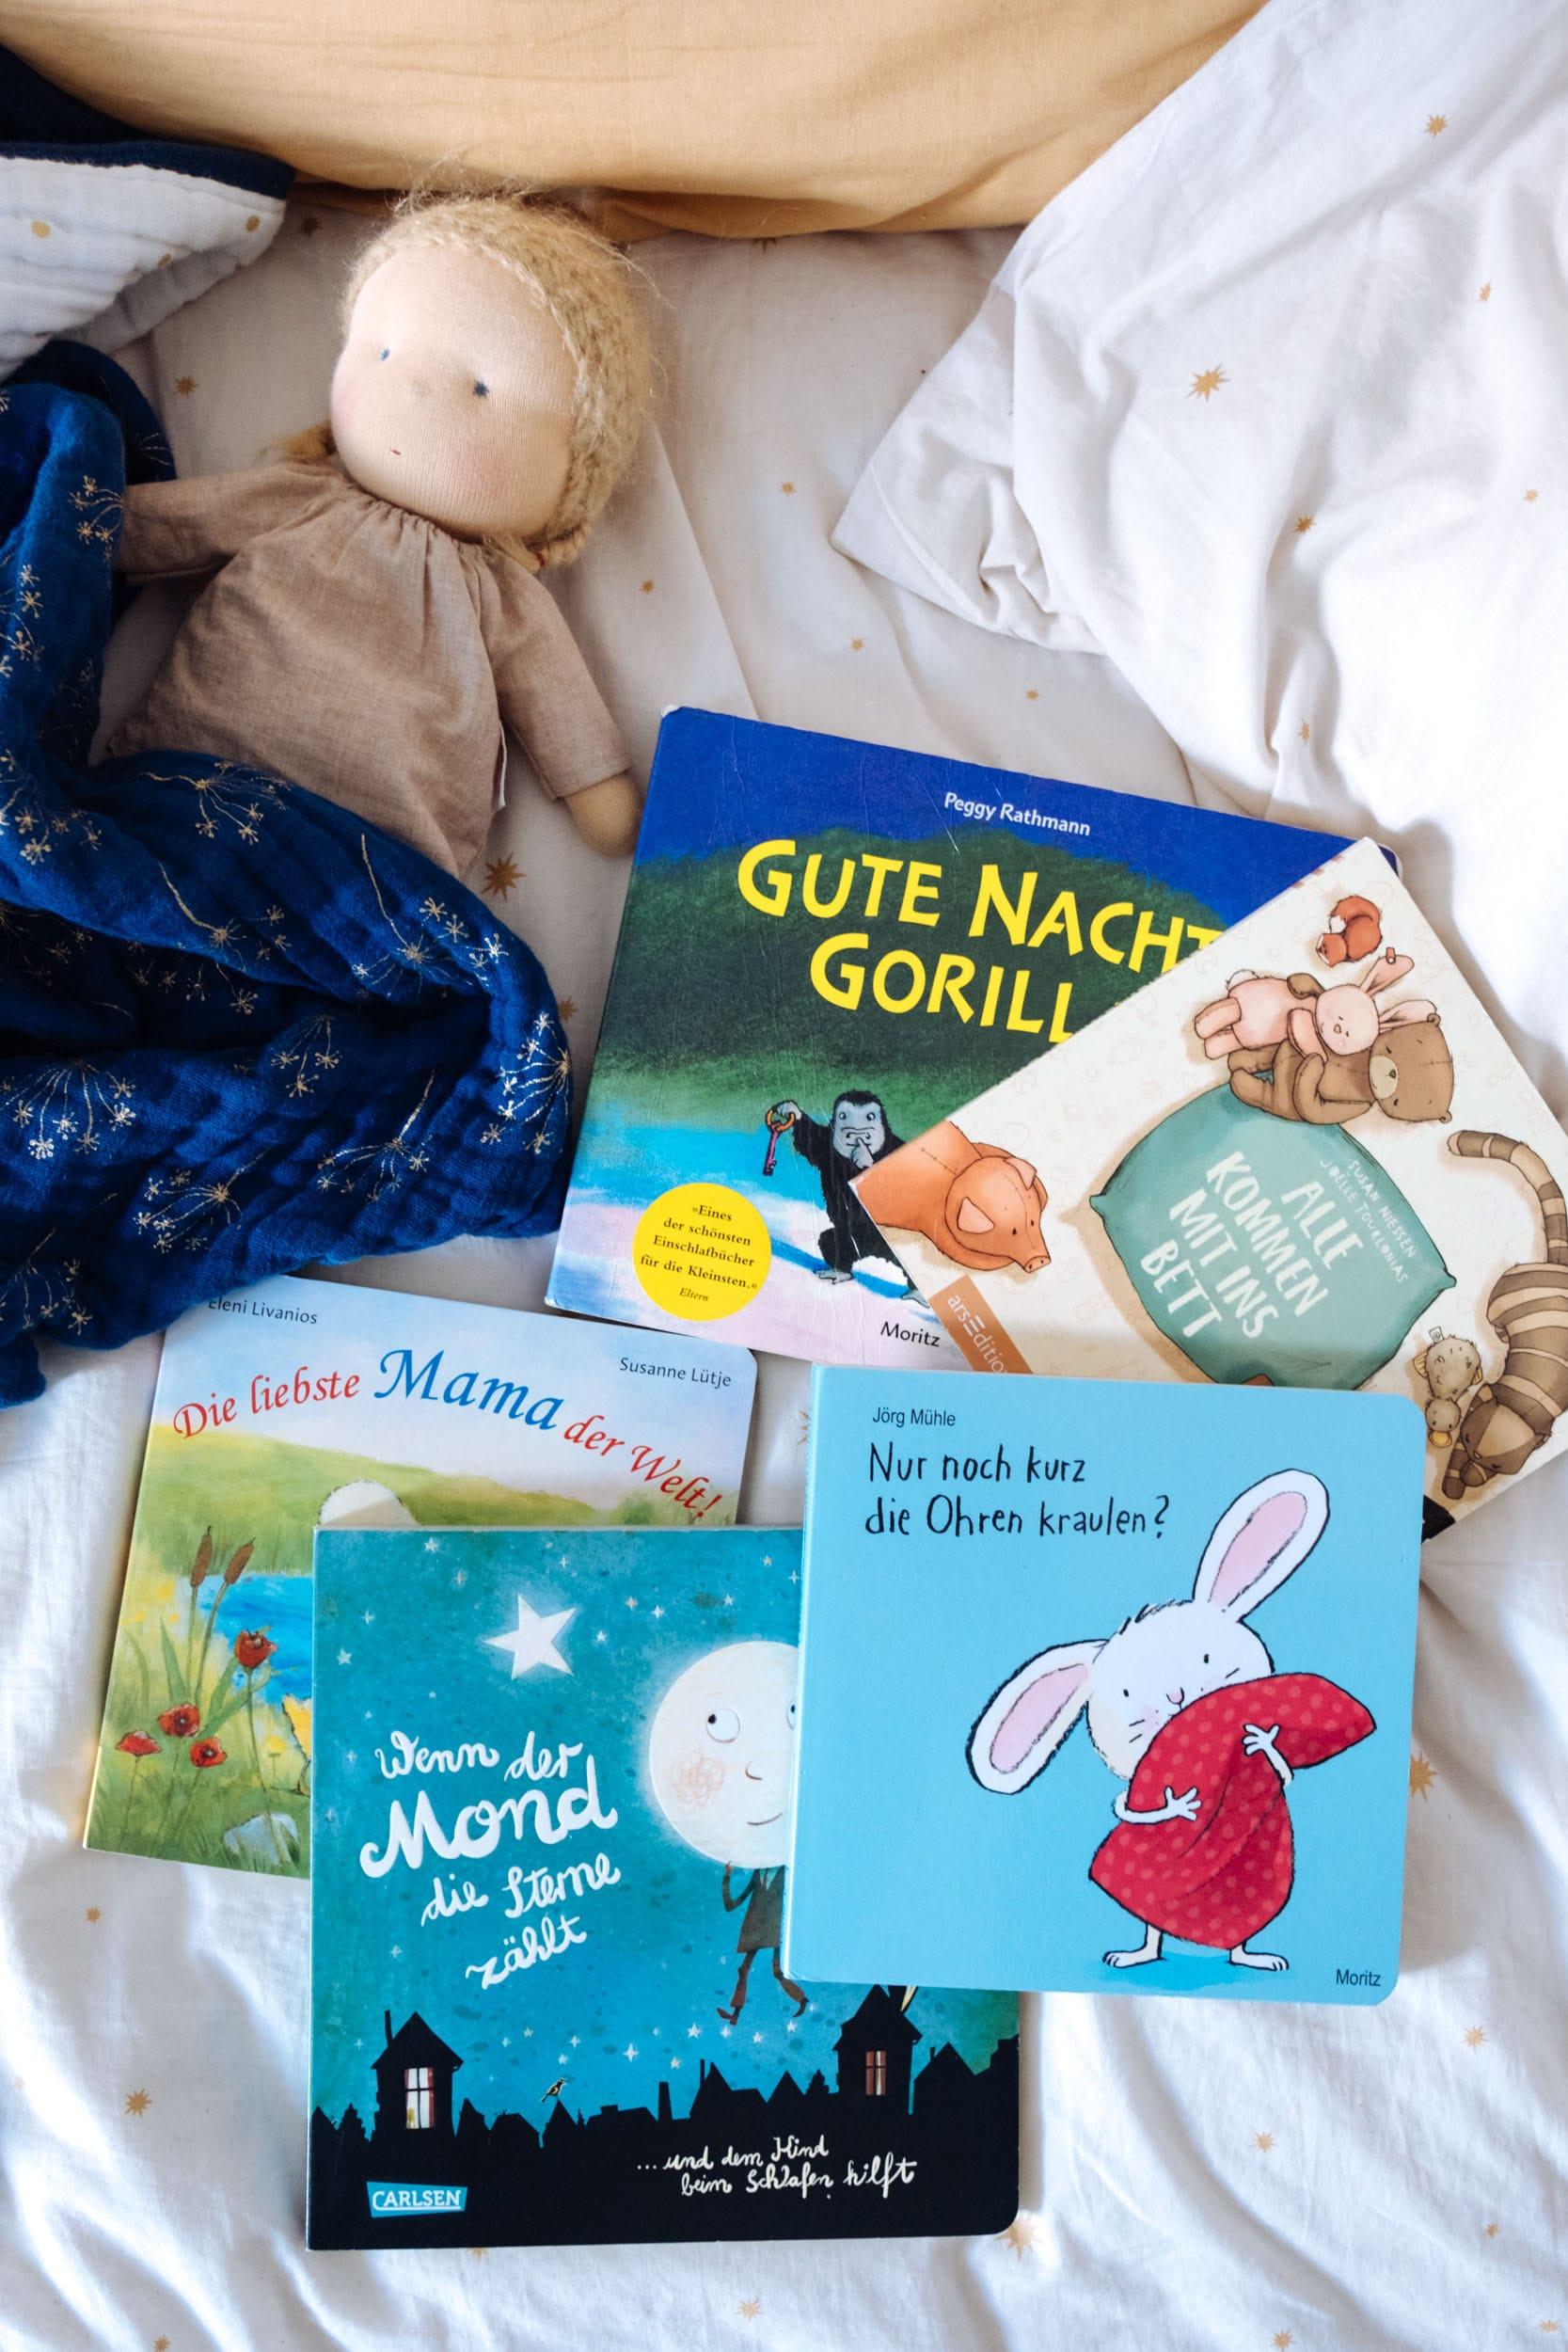 Gute Nacht Bücher für Kleinkinder | Unsere Lieblingsbücher zum Einschlafen für 1 bis 2-jährige Kinder | Einschlafen | Kleinkind | Vorlesen | Kinderbücher | Mehr auf https://ivy.li